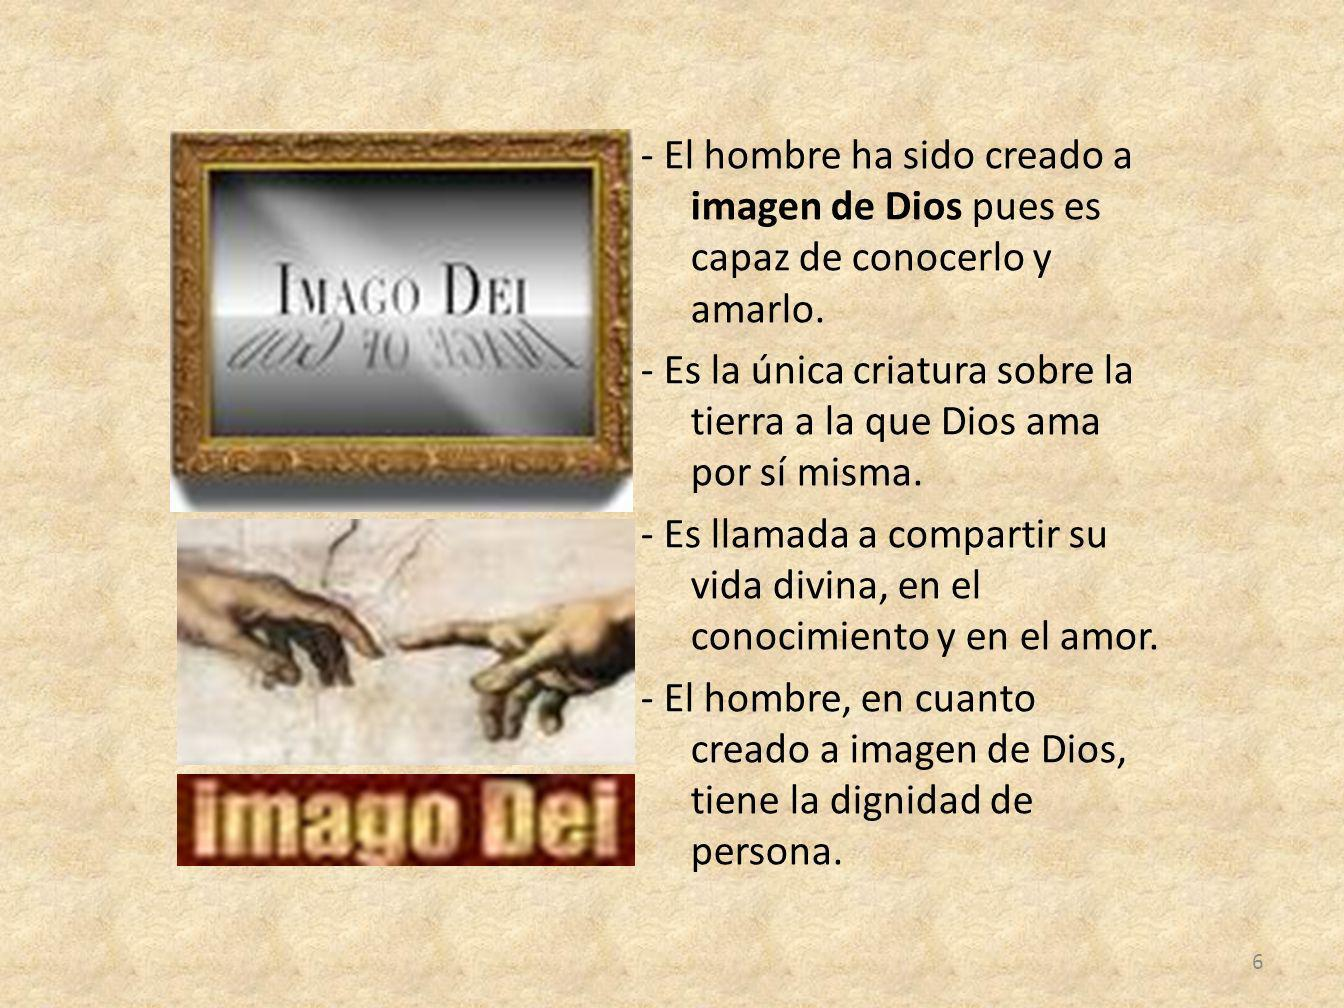 - El hombre ha sido creado a imagen de Dios pues es capaz de conocerlo y amarlo.